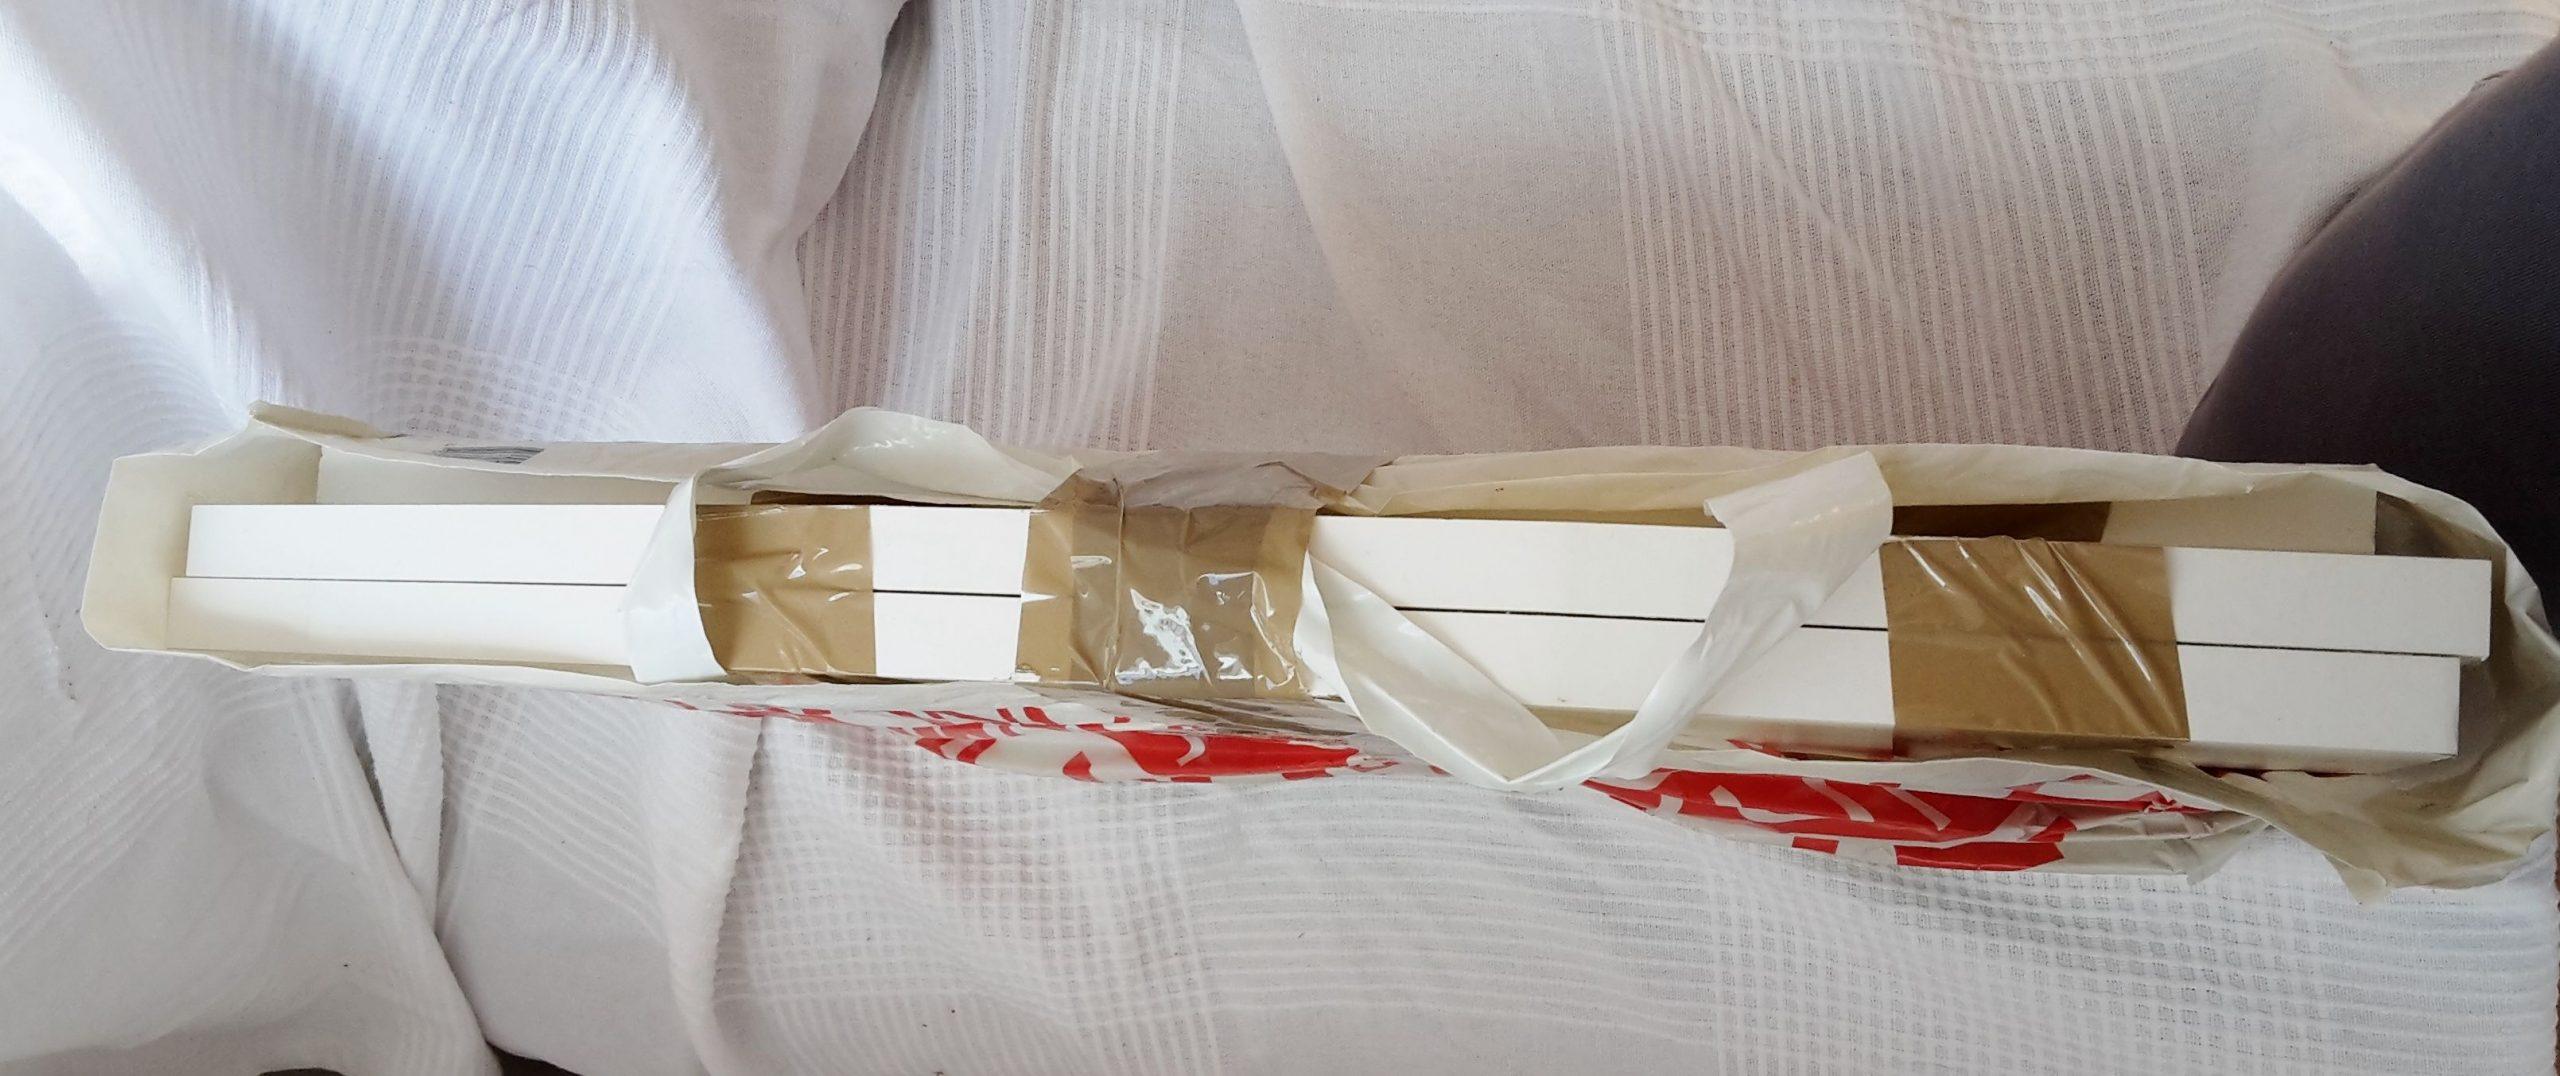 attacher les planches des meubles